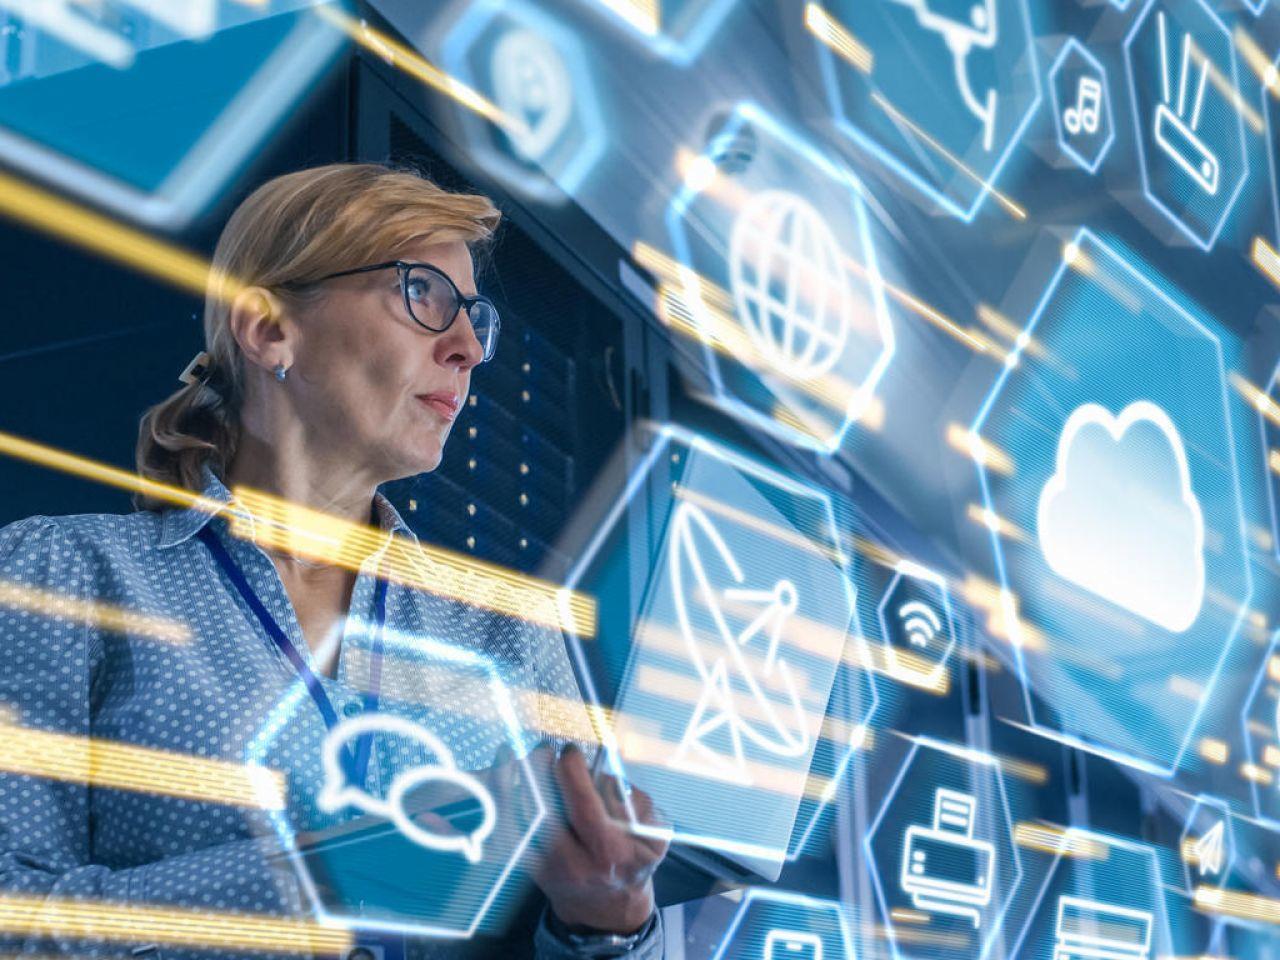 IBMとServiceNow、AIによるIT運用自動化に向け提携を拡大 - ZDNet Japan